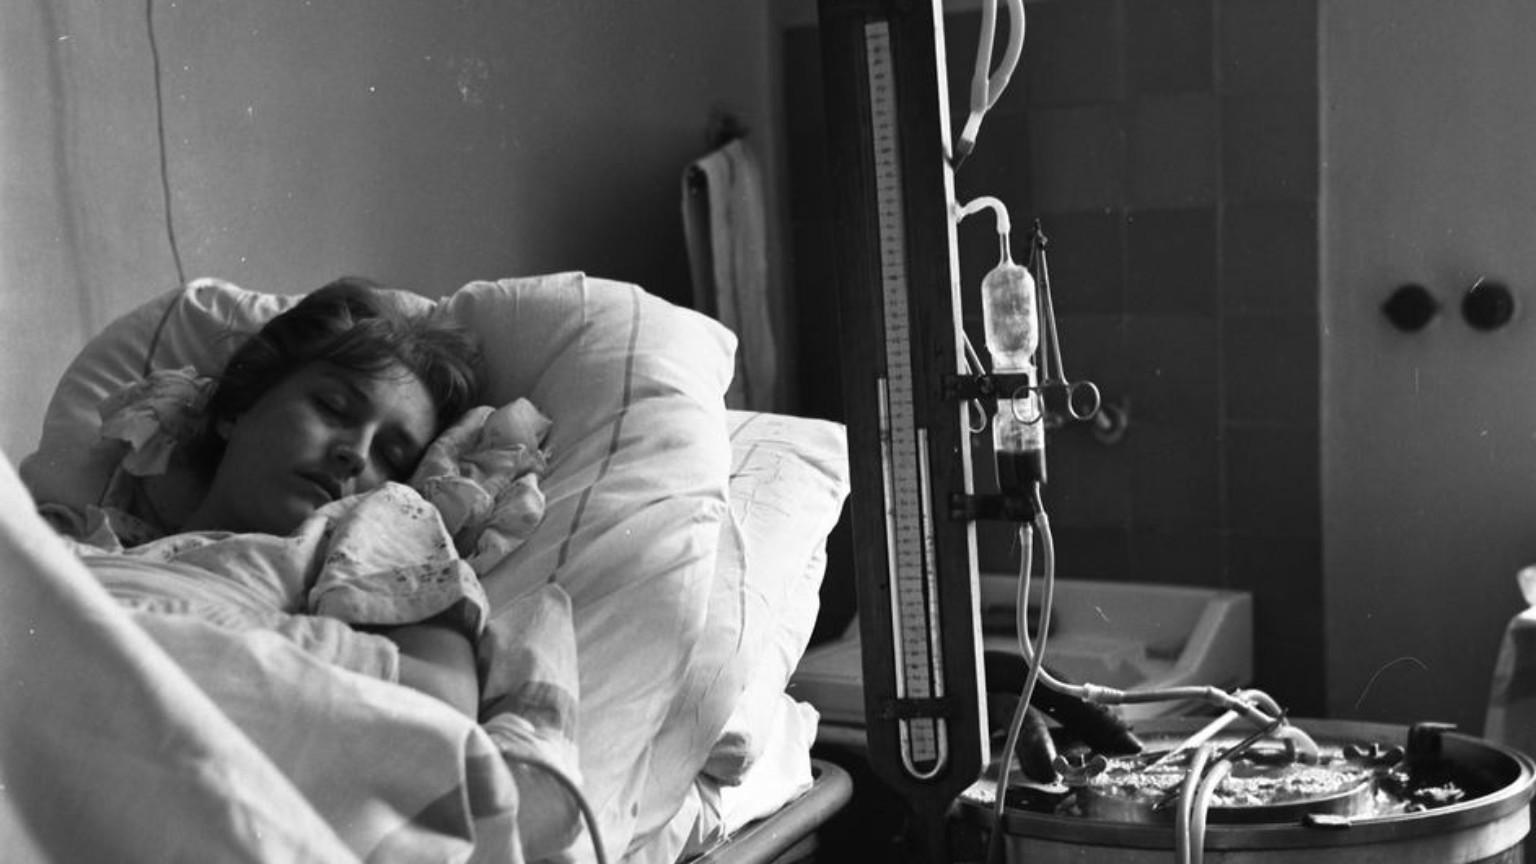 Zdjęcie dla kartki: Pierwszy przeszczep nerki